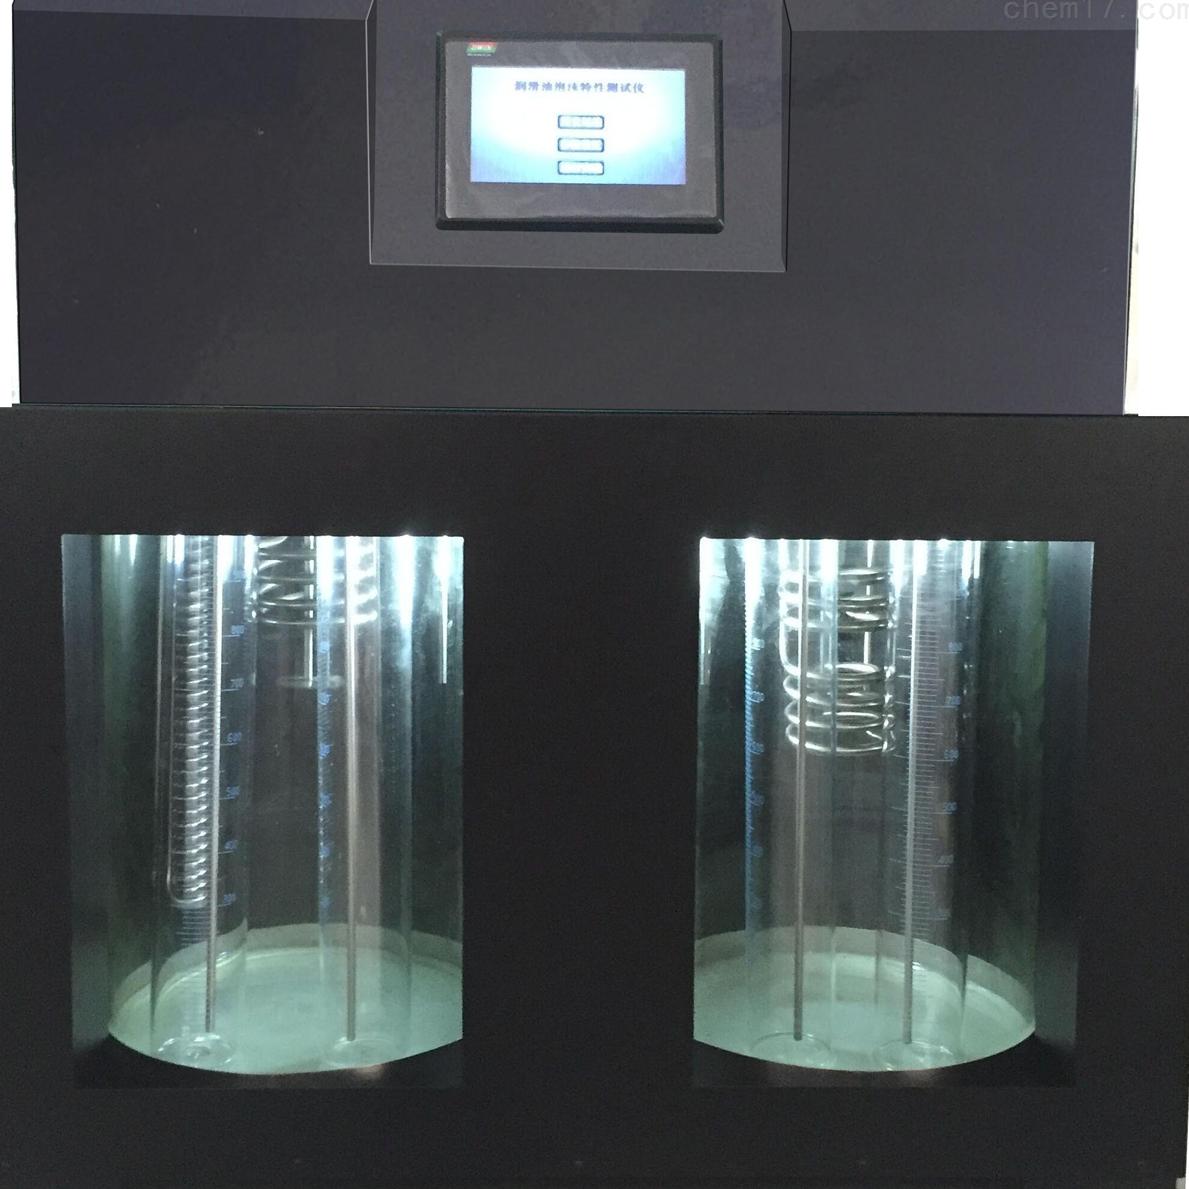 自动润滑油泡沫特性测定仪厂家